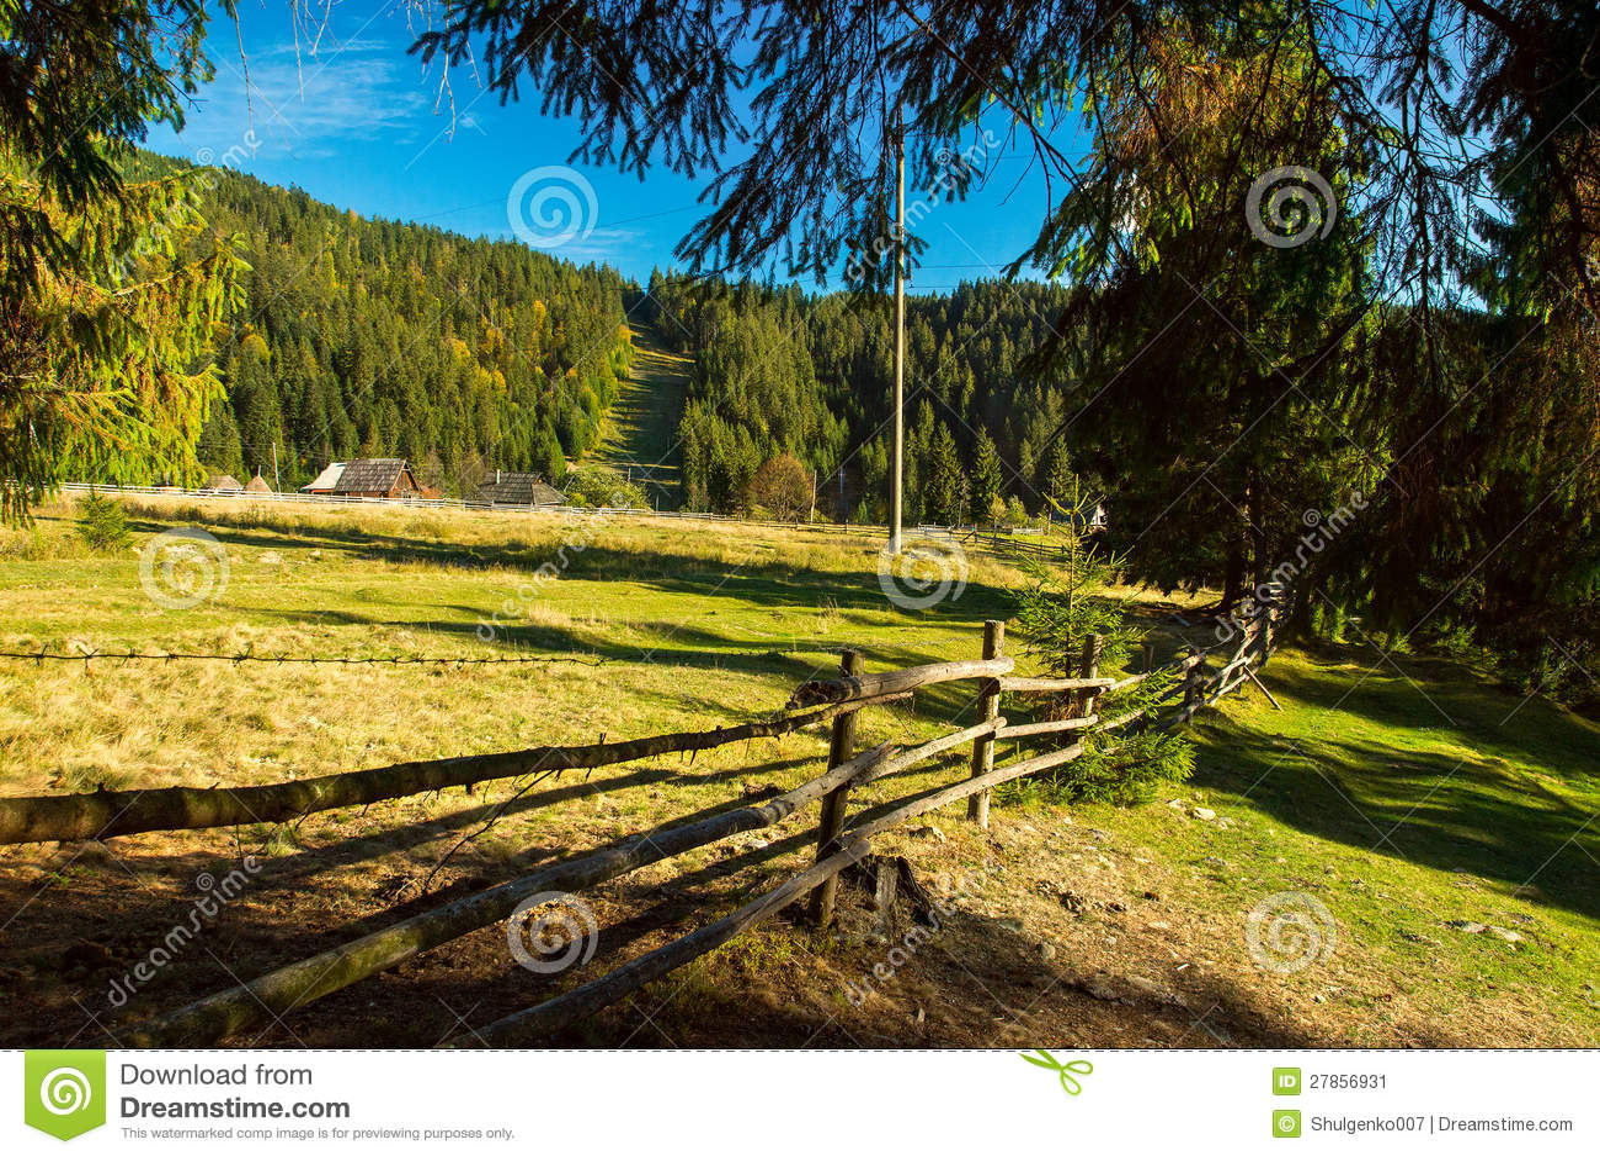 Długi drewniany ogrodzenie wzdłuż Karpackich łąk